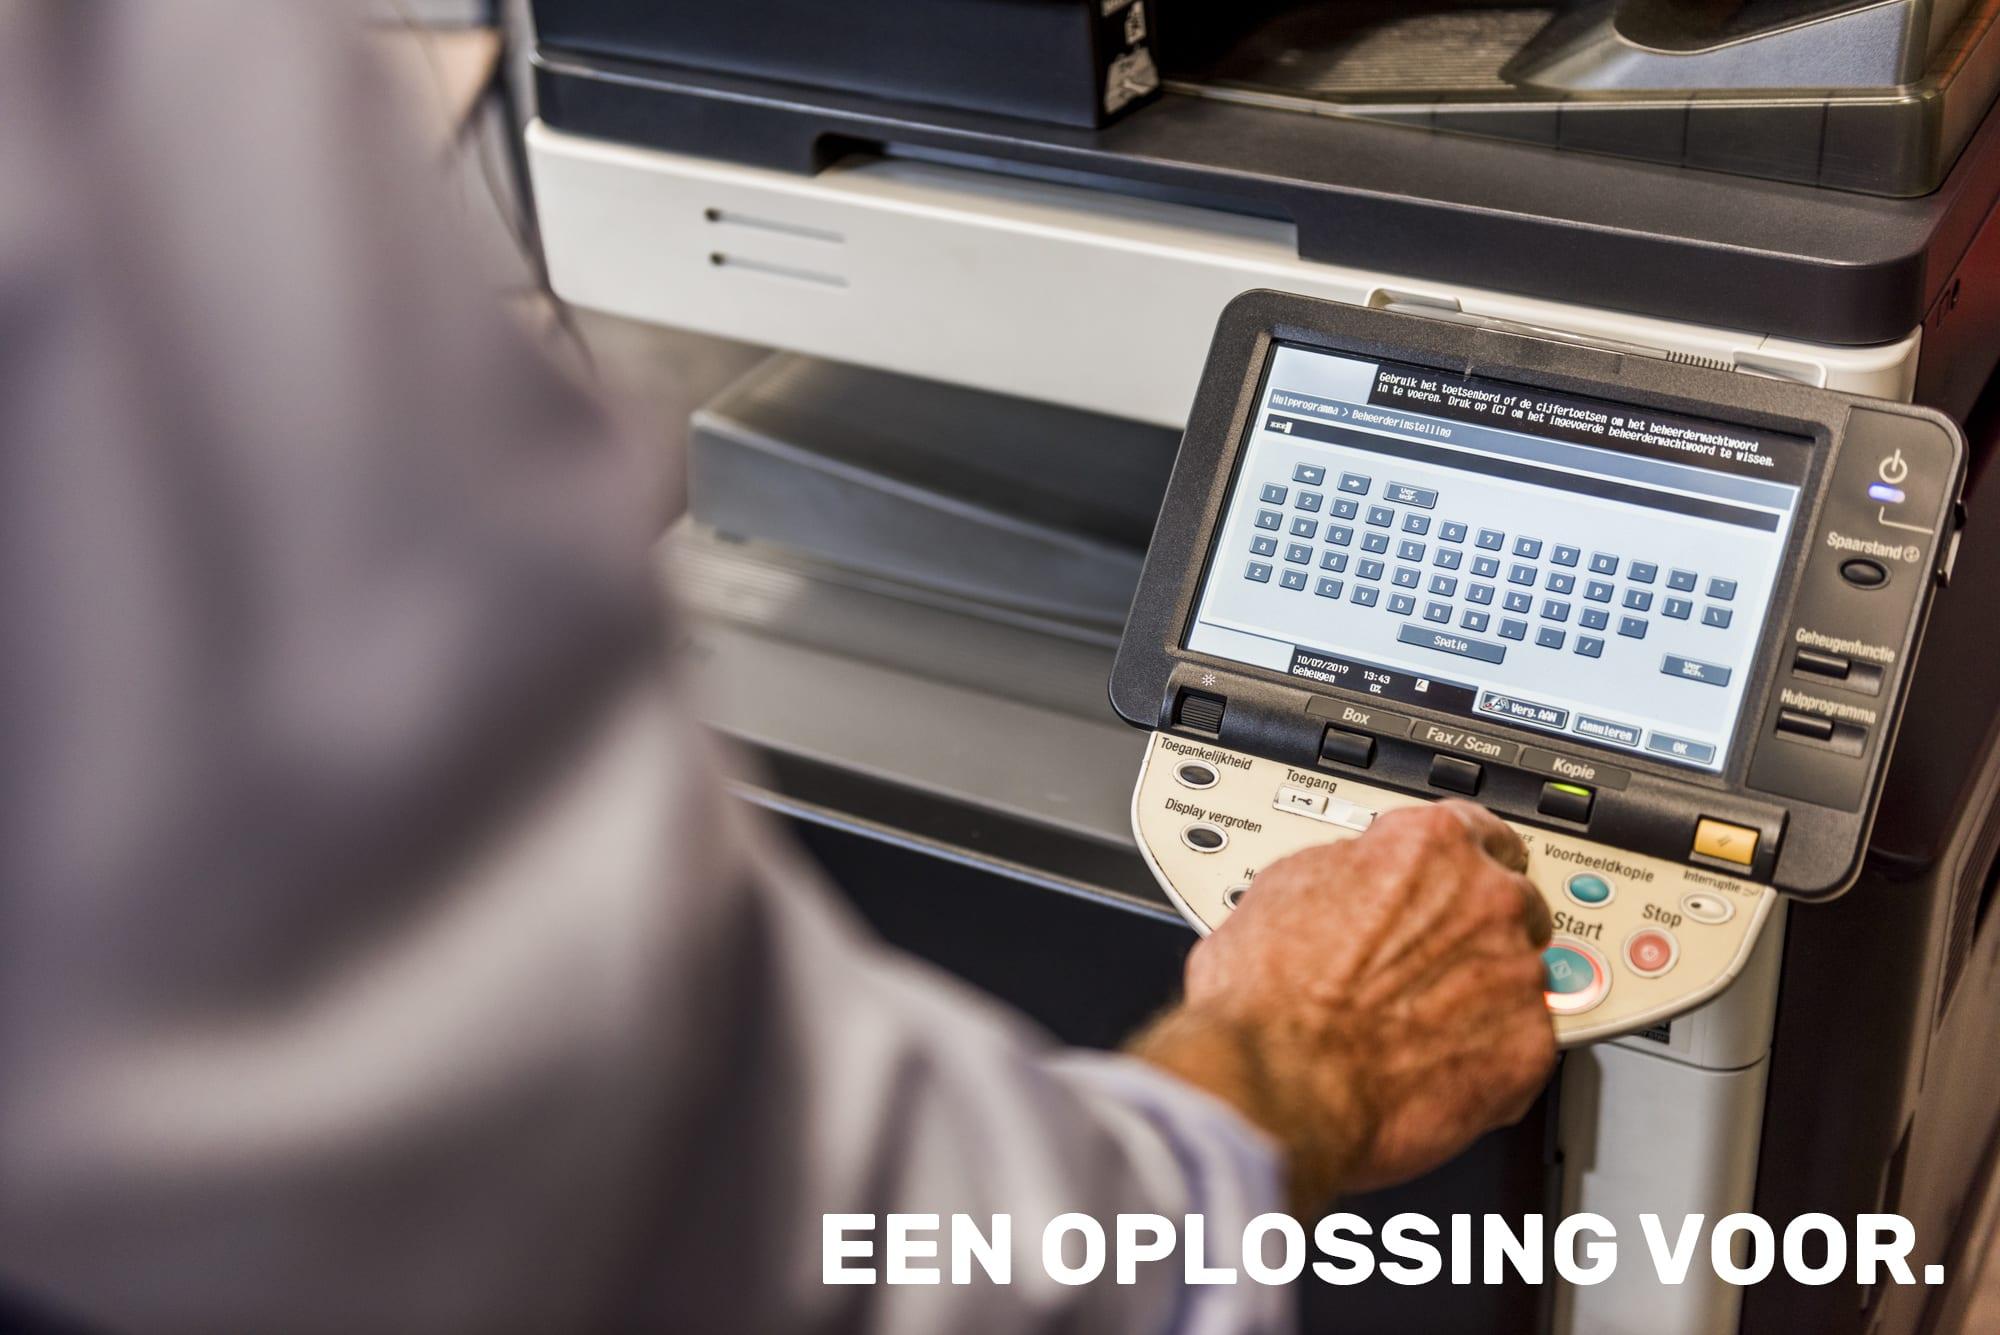 Een oplossing voor: Het vereenvoudigen van het beheer van uw printerpark